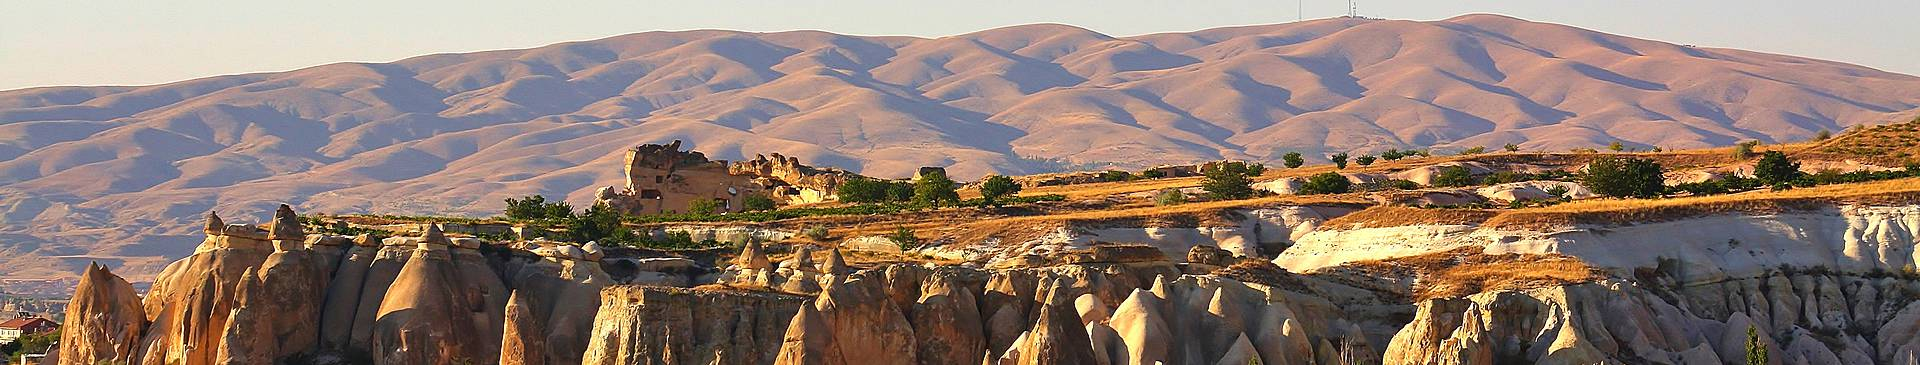 Viaggio in Turchia a luglio